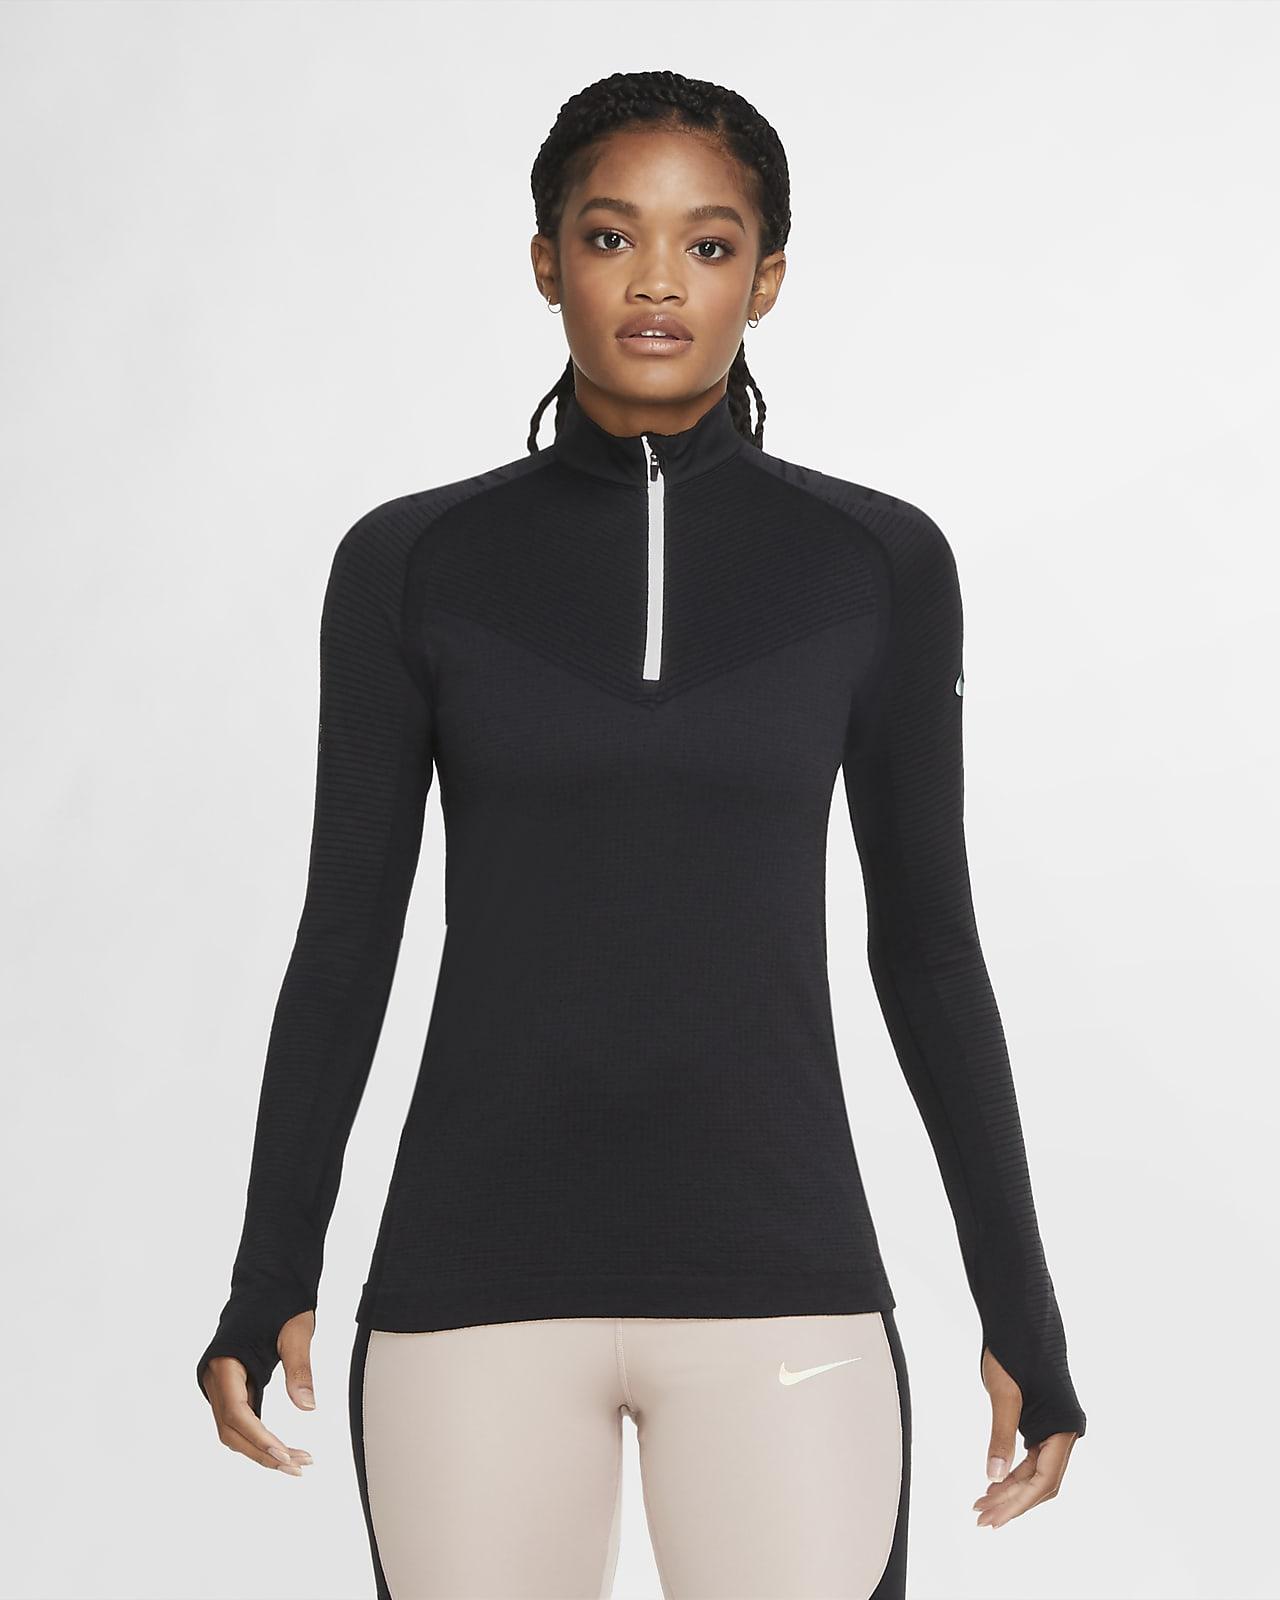 Nike Run Division Wool 女子 1/4 拉链开襟跑步上衣